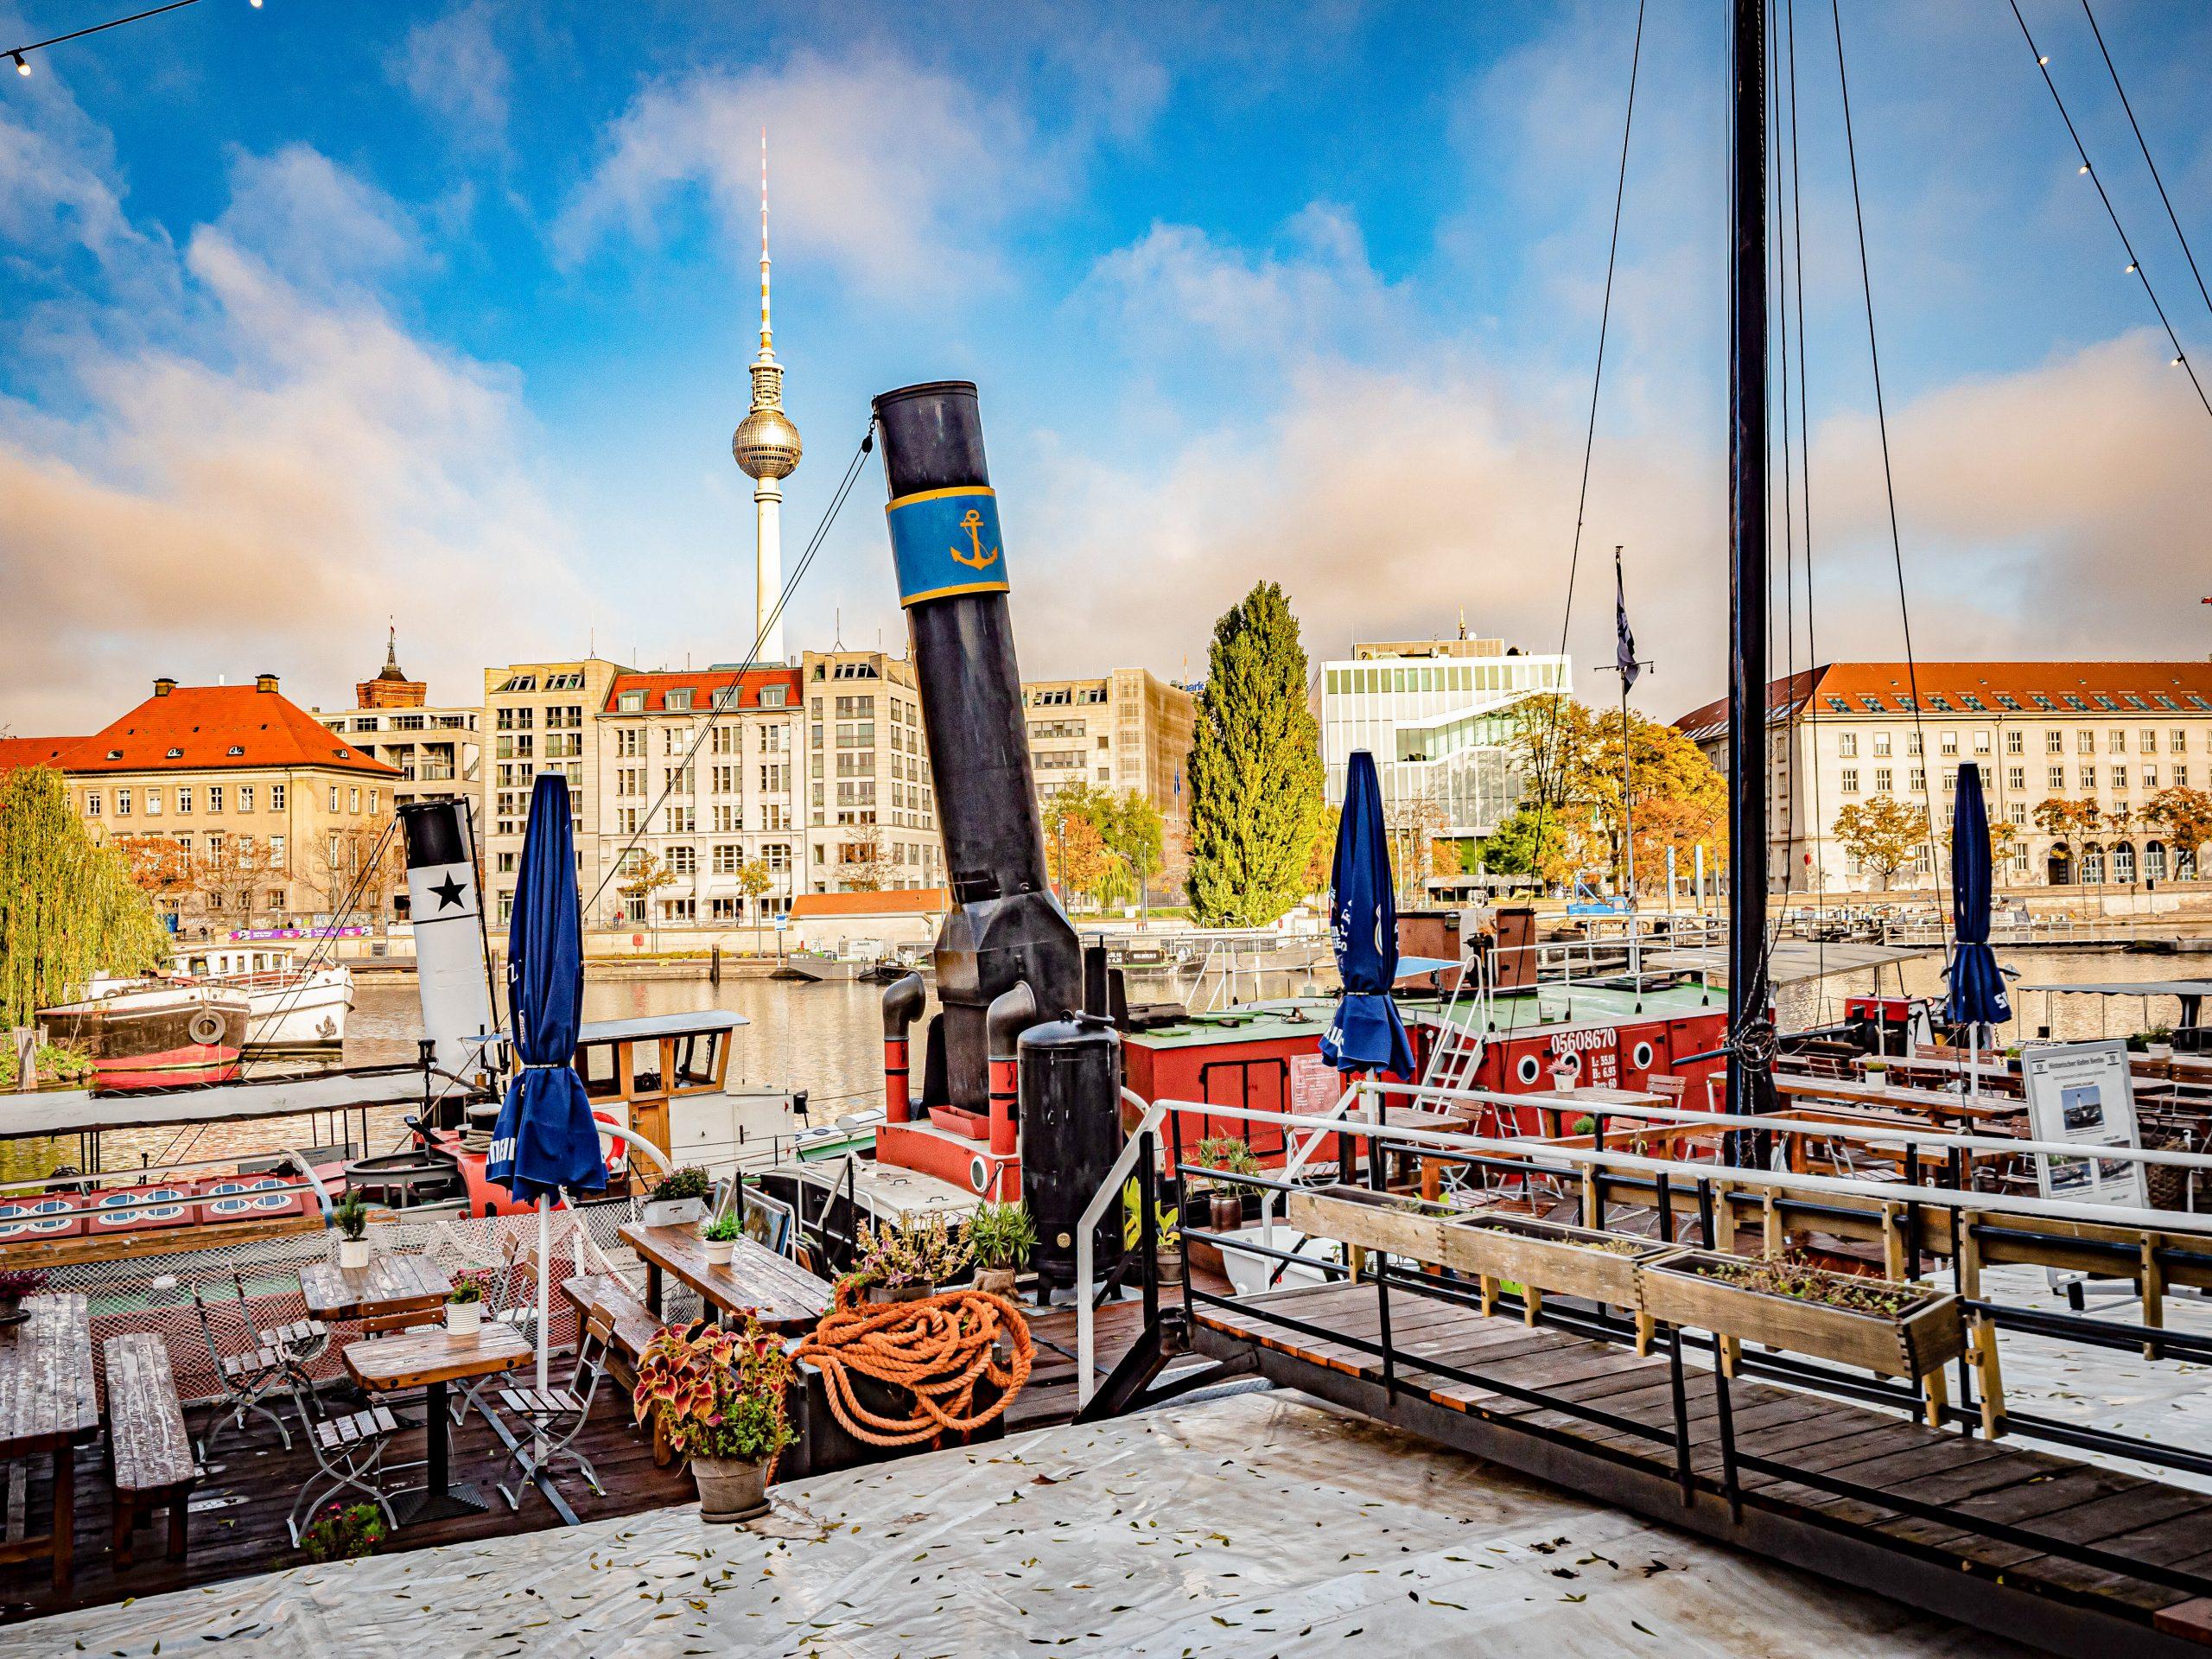 Blick vom Historischen Hafen in Mitte auf den Fernsehturm. Foto: Imago/Jürgen Ritter